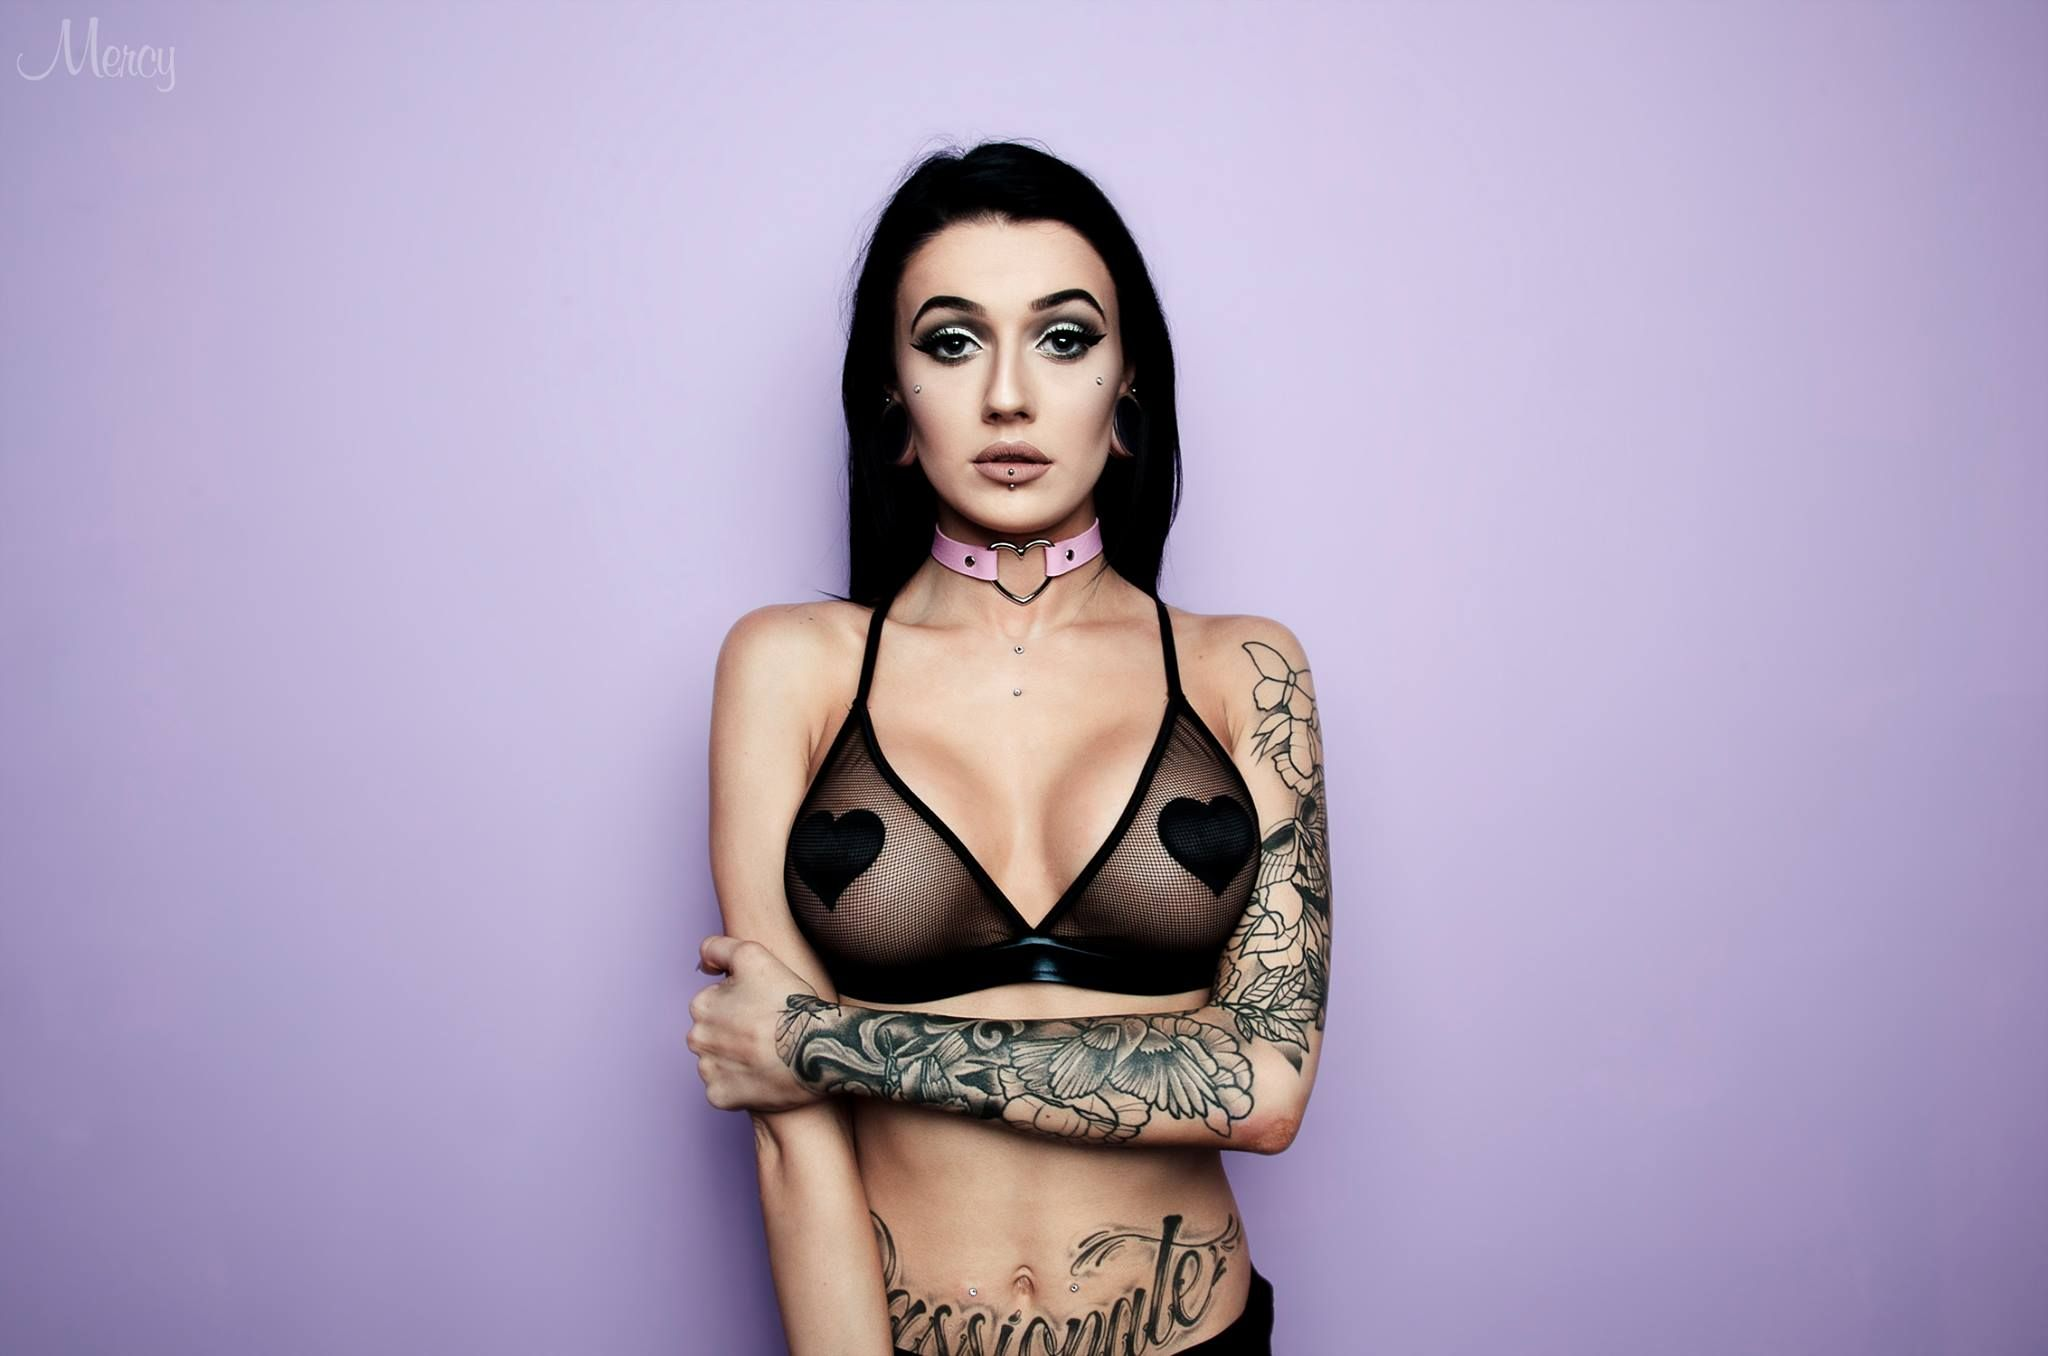 Cloe Raven